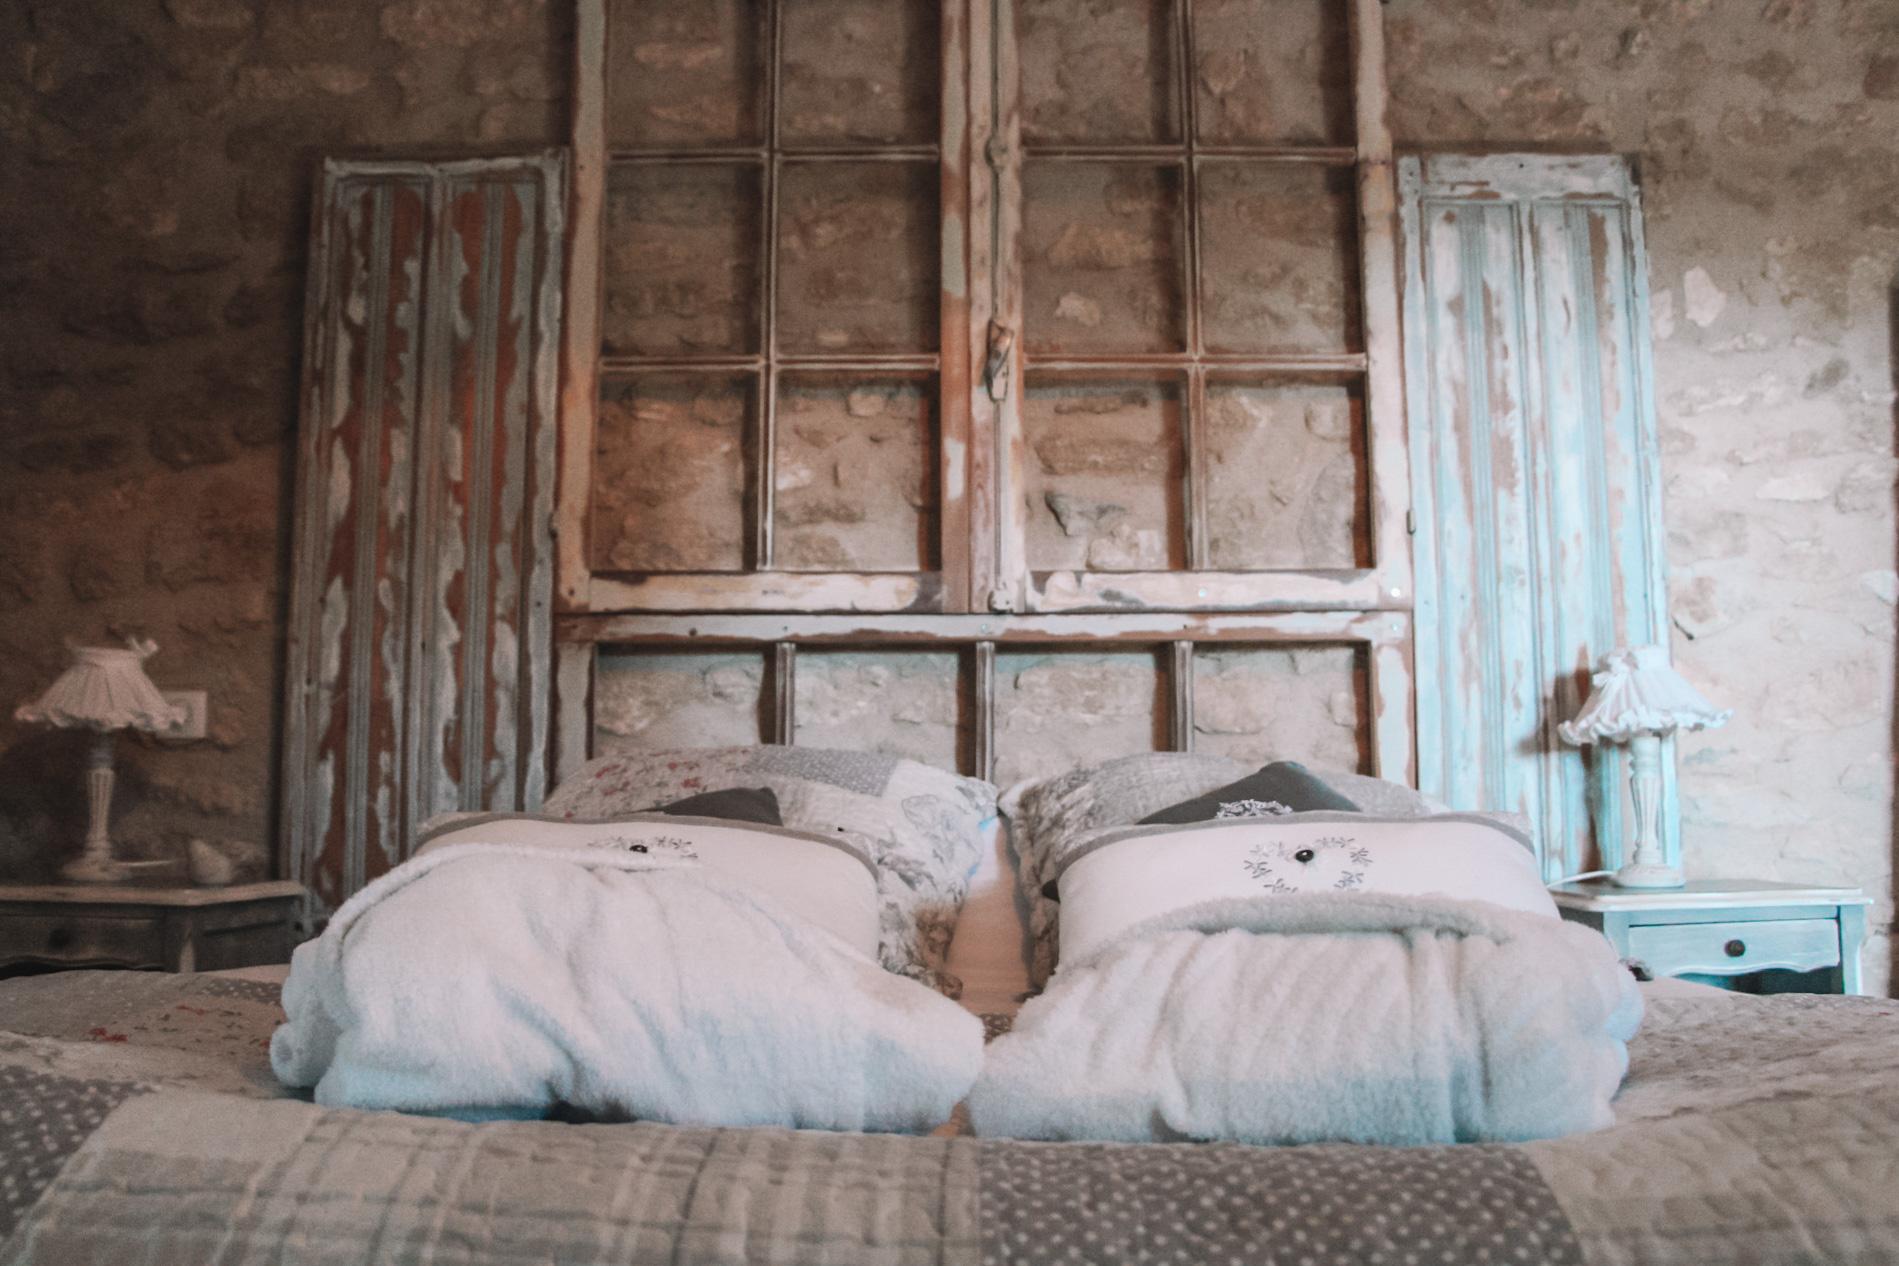 la bastide des songes - chambre hotes - luberon - provence - gordes - roussillon - isle sur sorgue - chambre - fleur de coton - 5